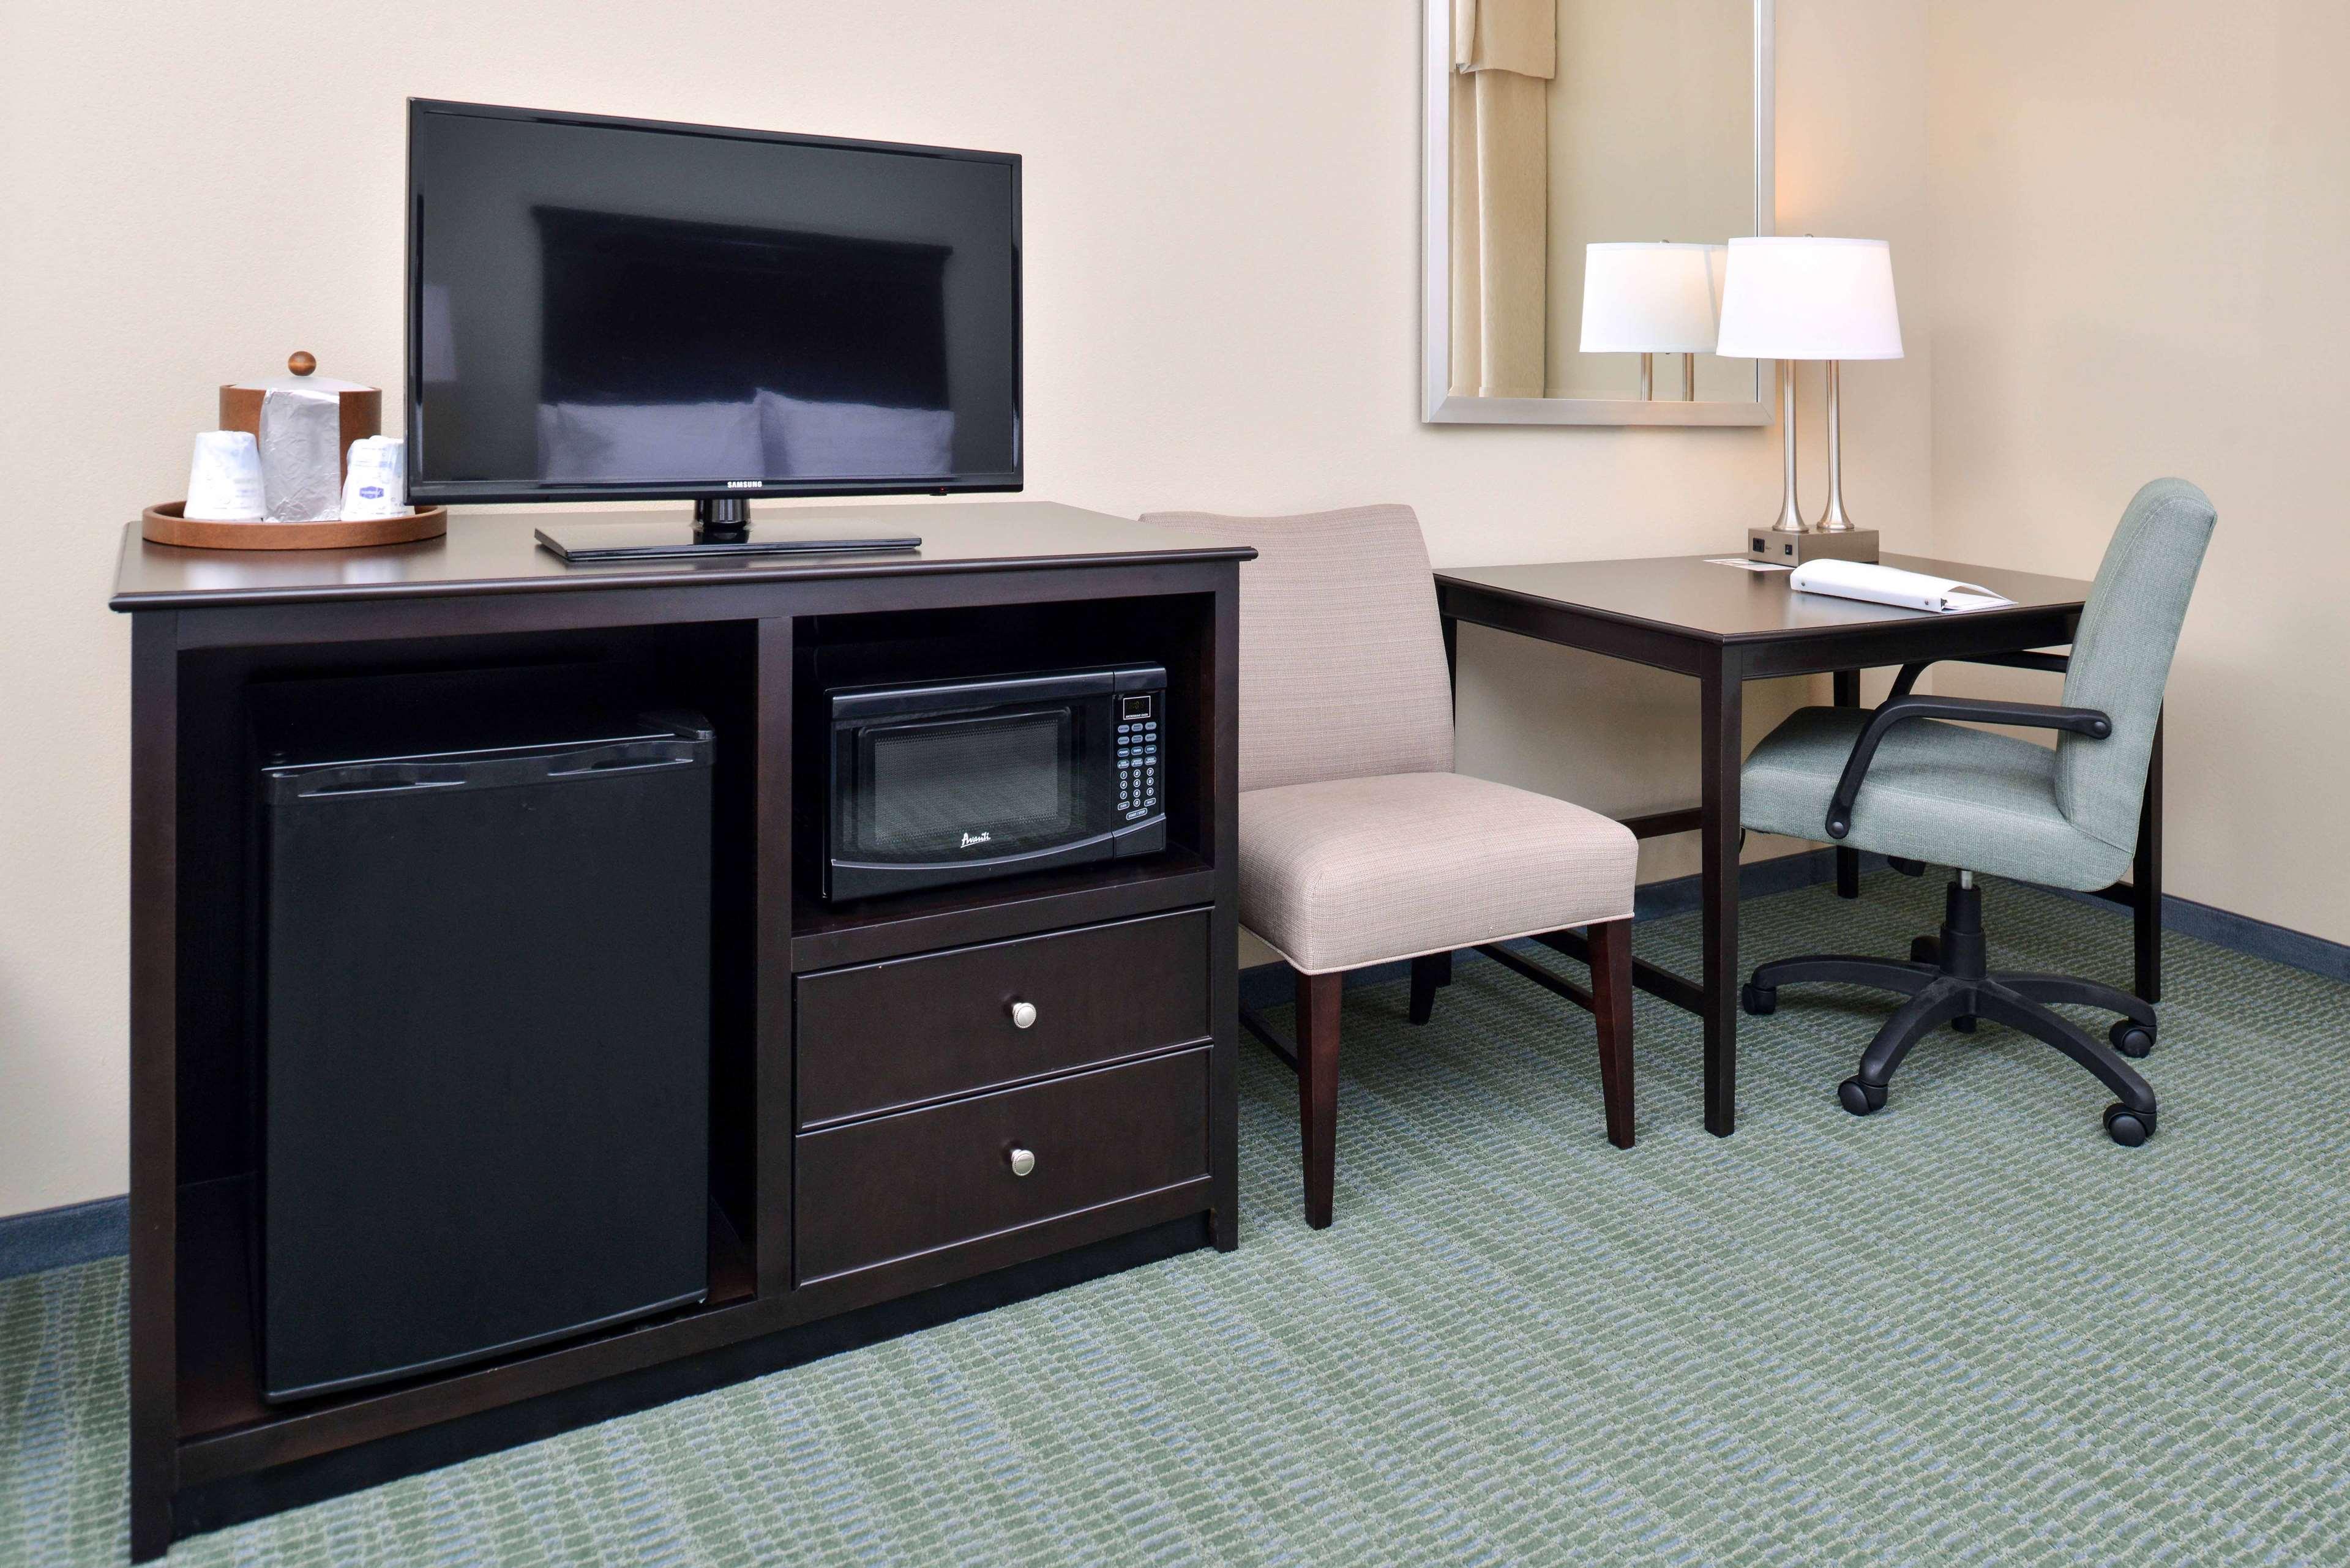 Hampton Inn & Suites Mount Joy/Lancaster West image 25